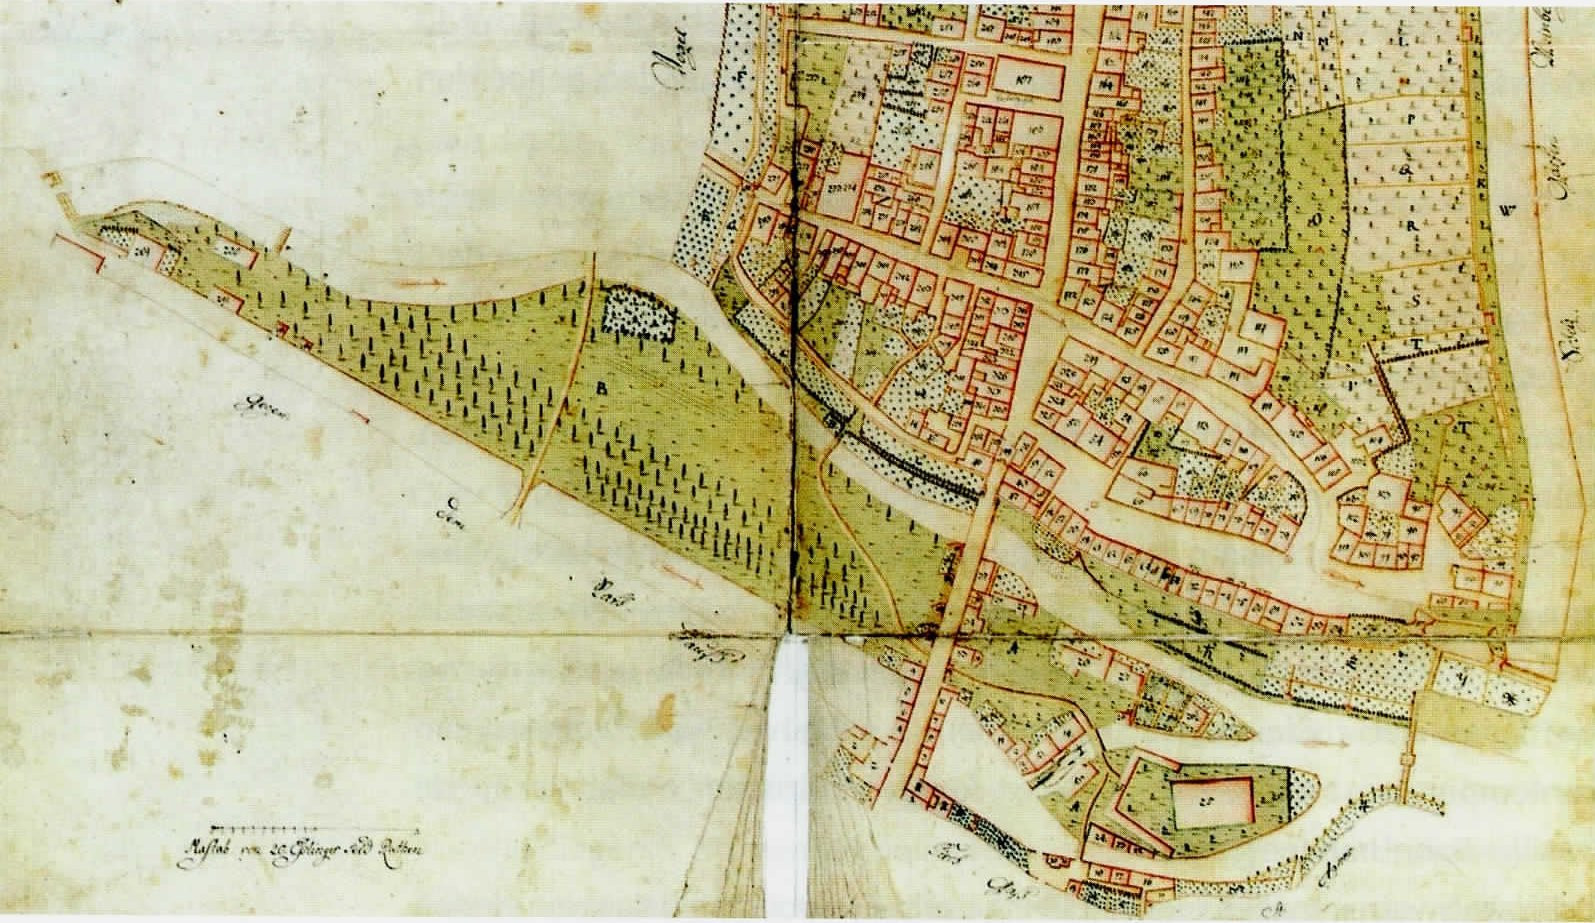 Maliebaan Esslingen am Neckar, Deitschland / Germany. 1773 - 1774